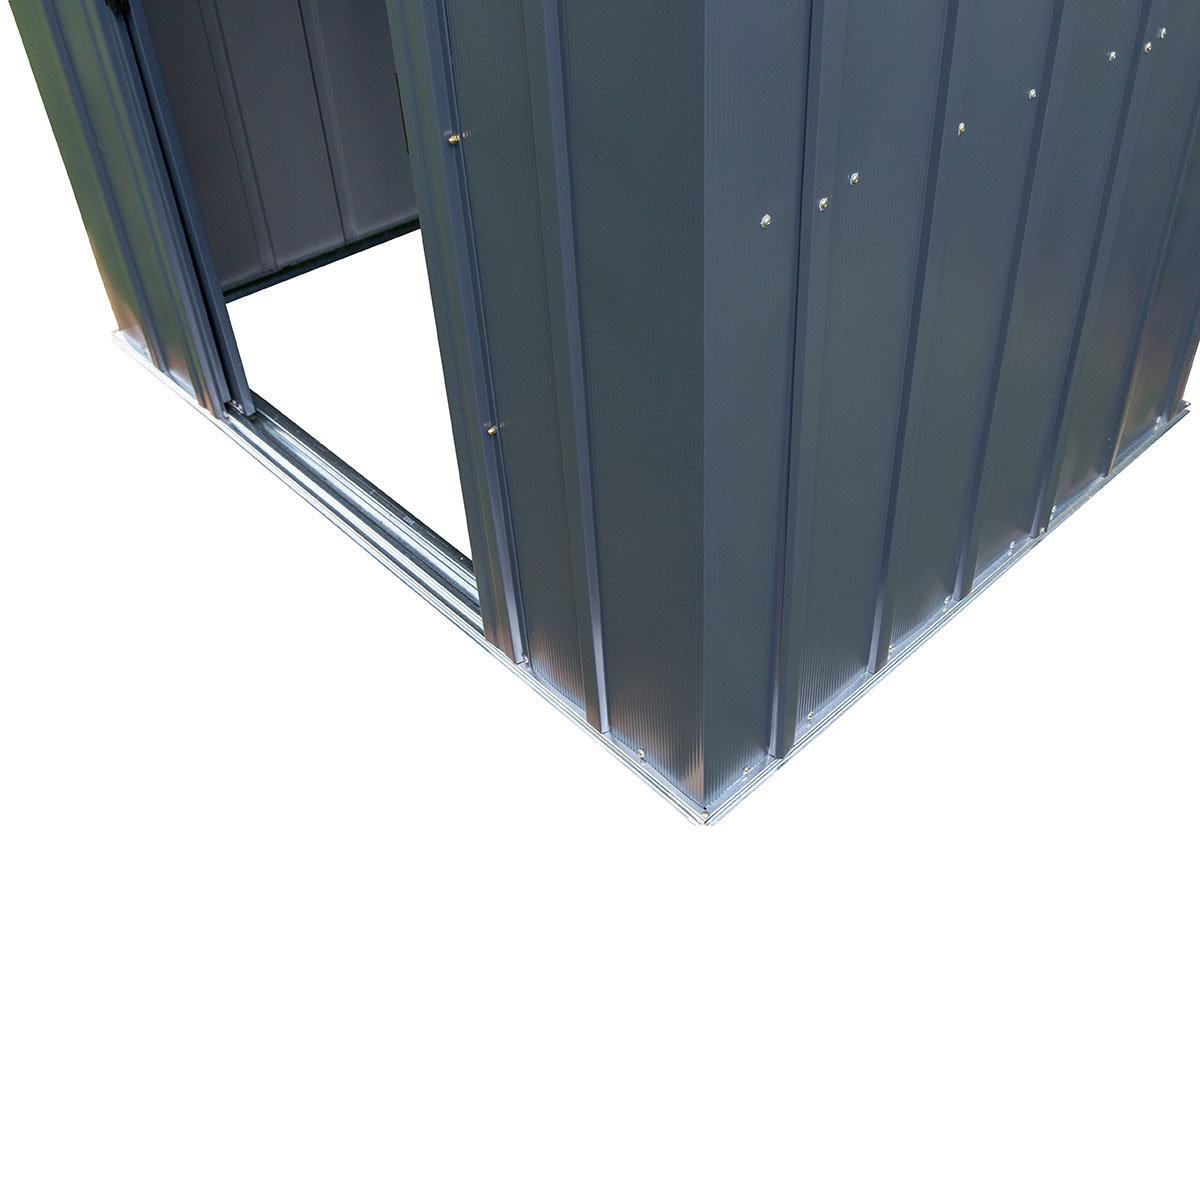 Metallgerätehaus, rostfrei, verzinkter Stahl, ca. 151 x 190 x 194 cm   #9